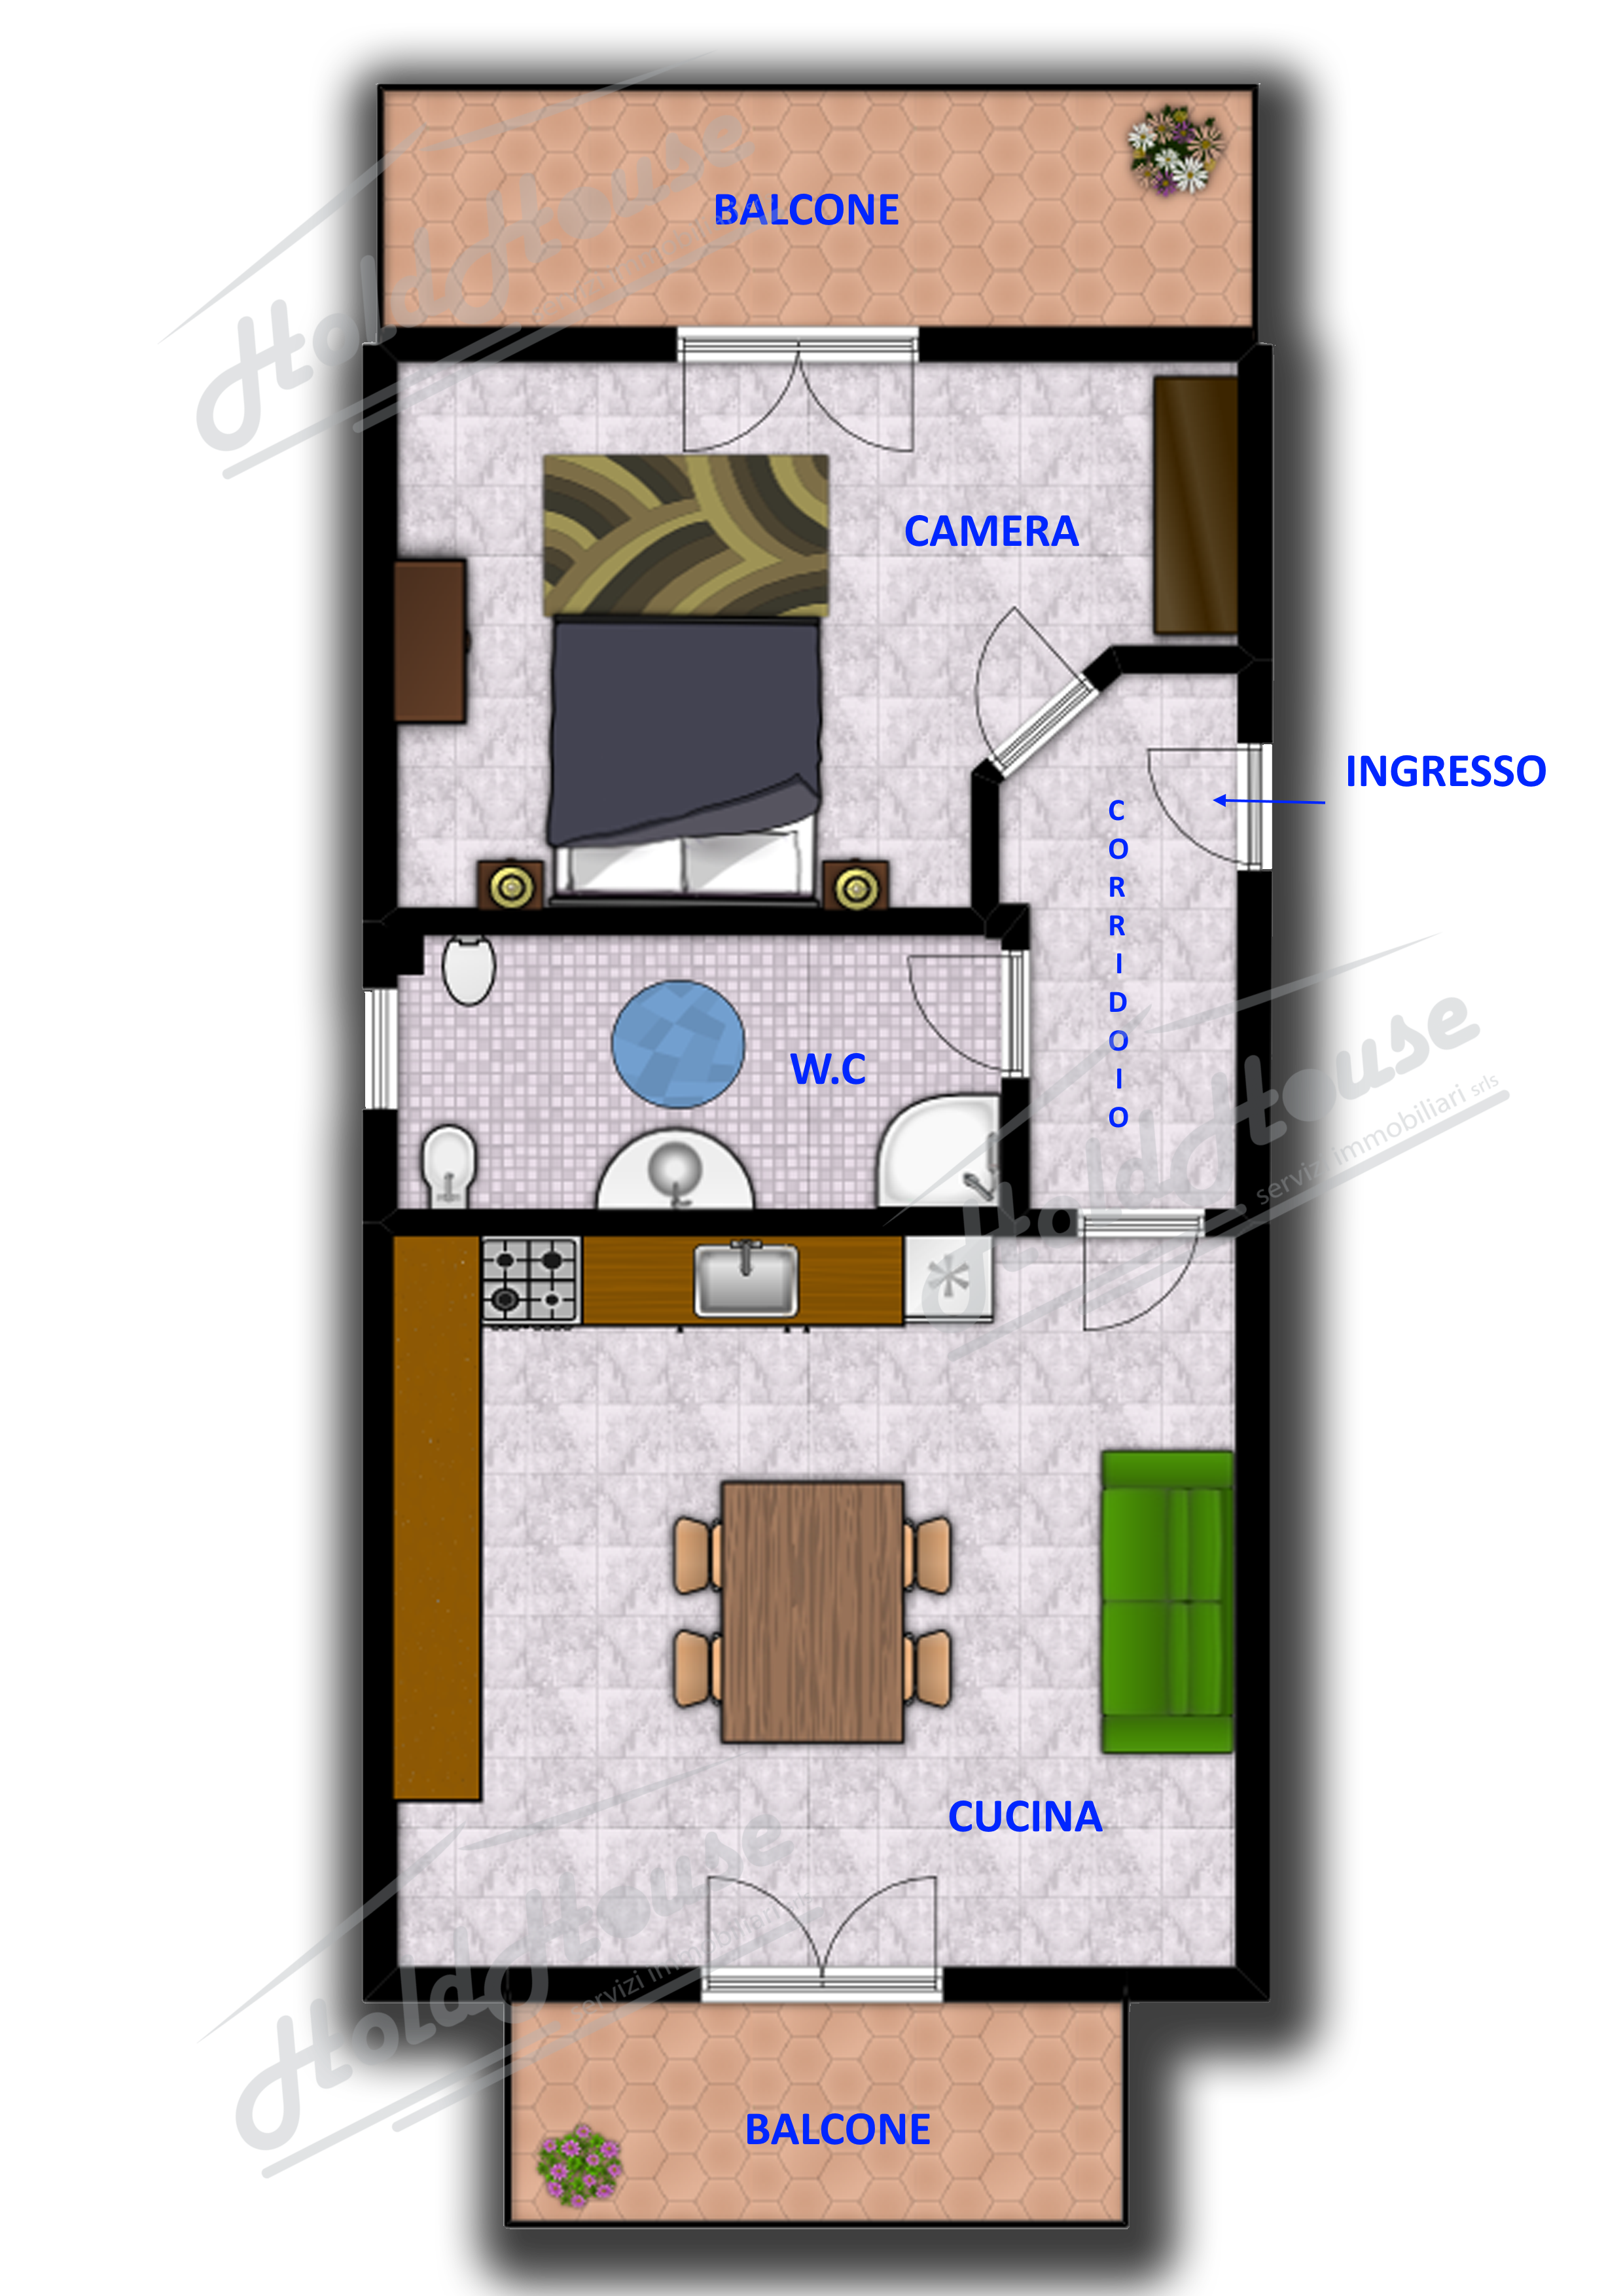 Cod mini appartamento di circa 40 metri for Scala metri quadrati